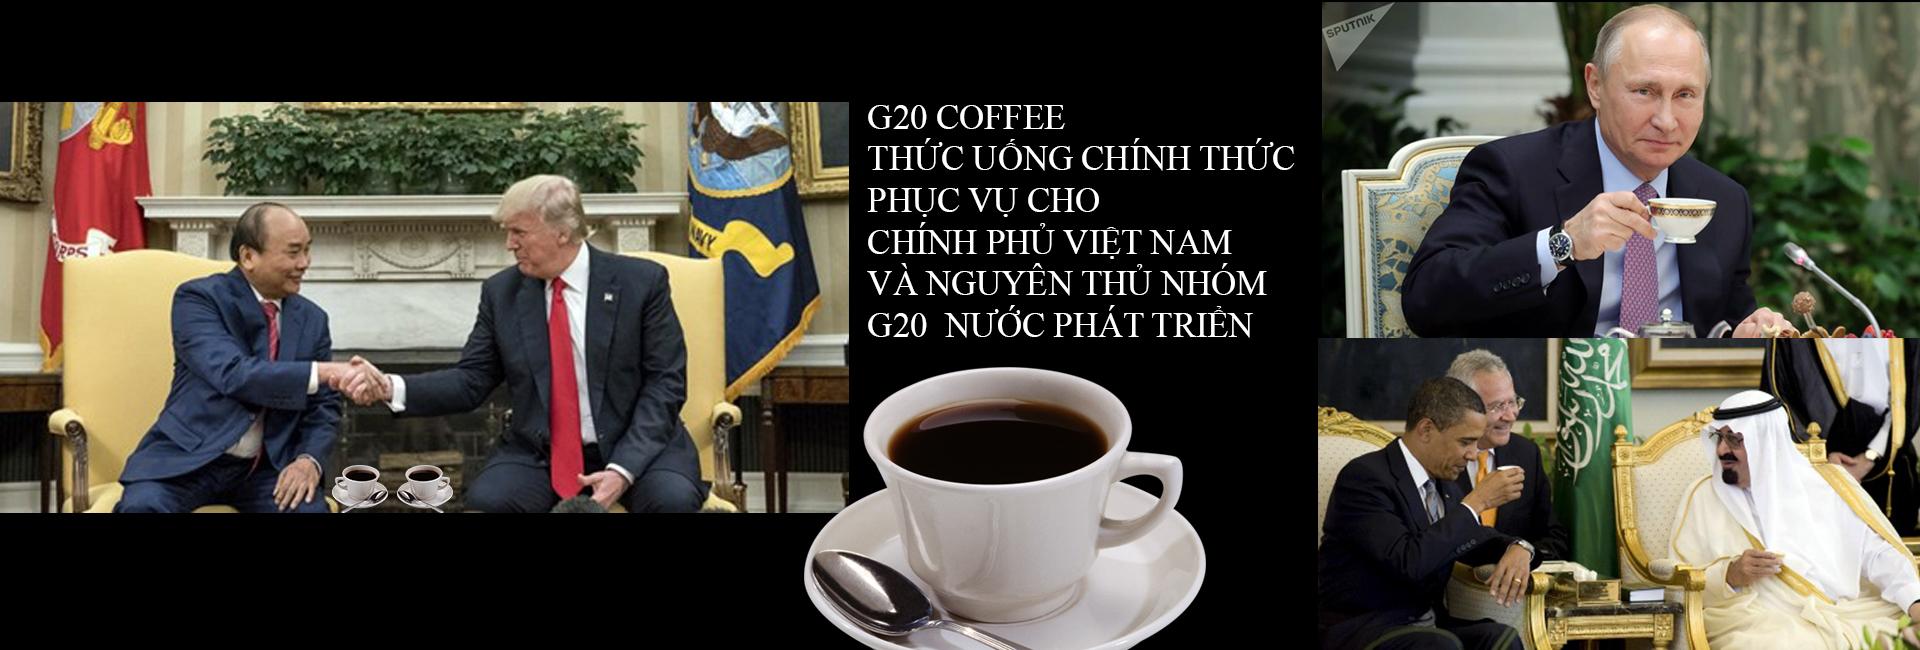 CAFE CHO NGUYÊN THỦ